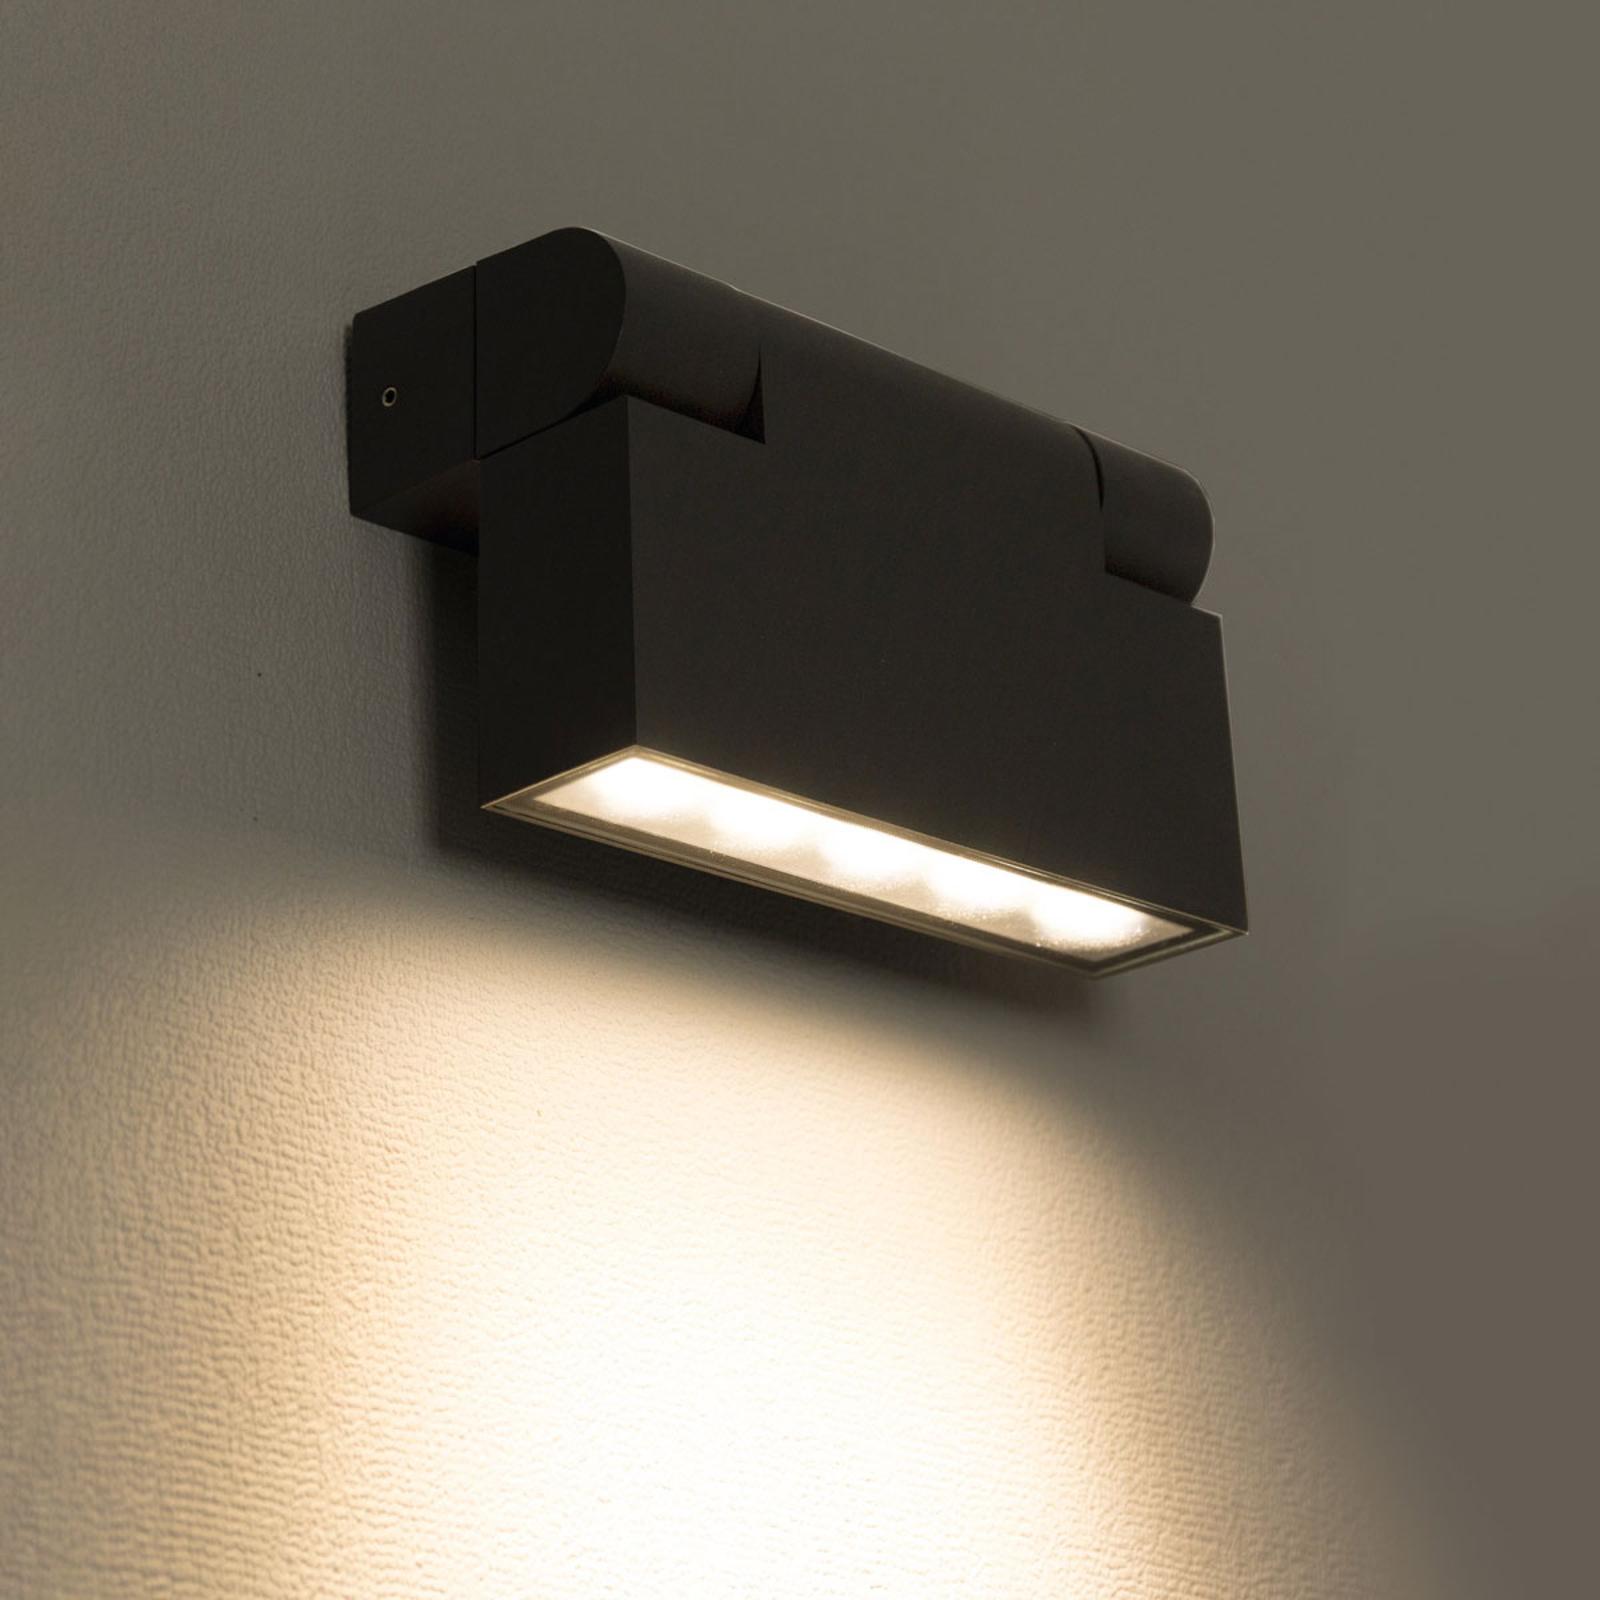 Käännettävä LED-ulkoseinälamppu Giro